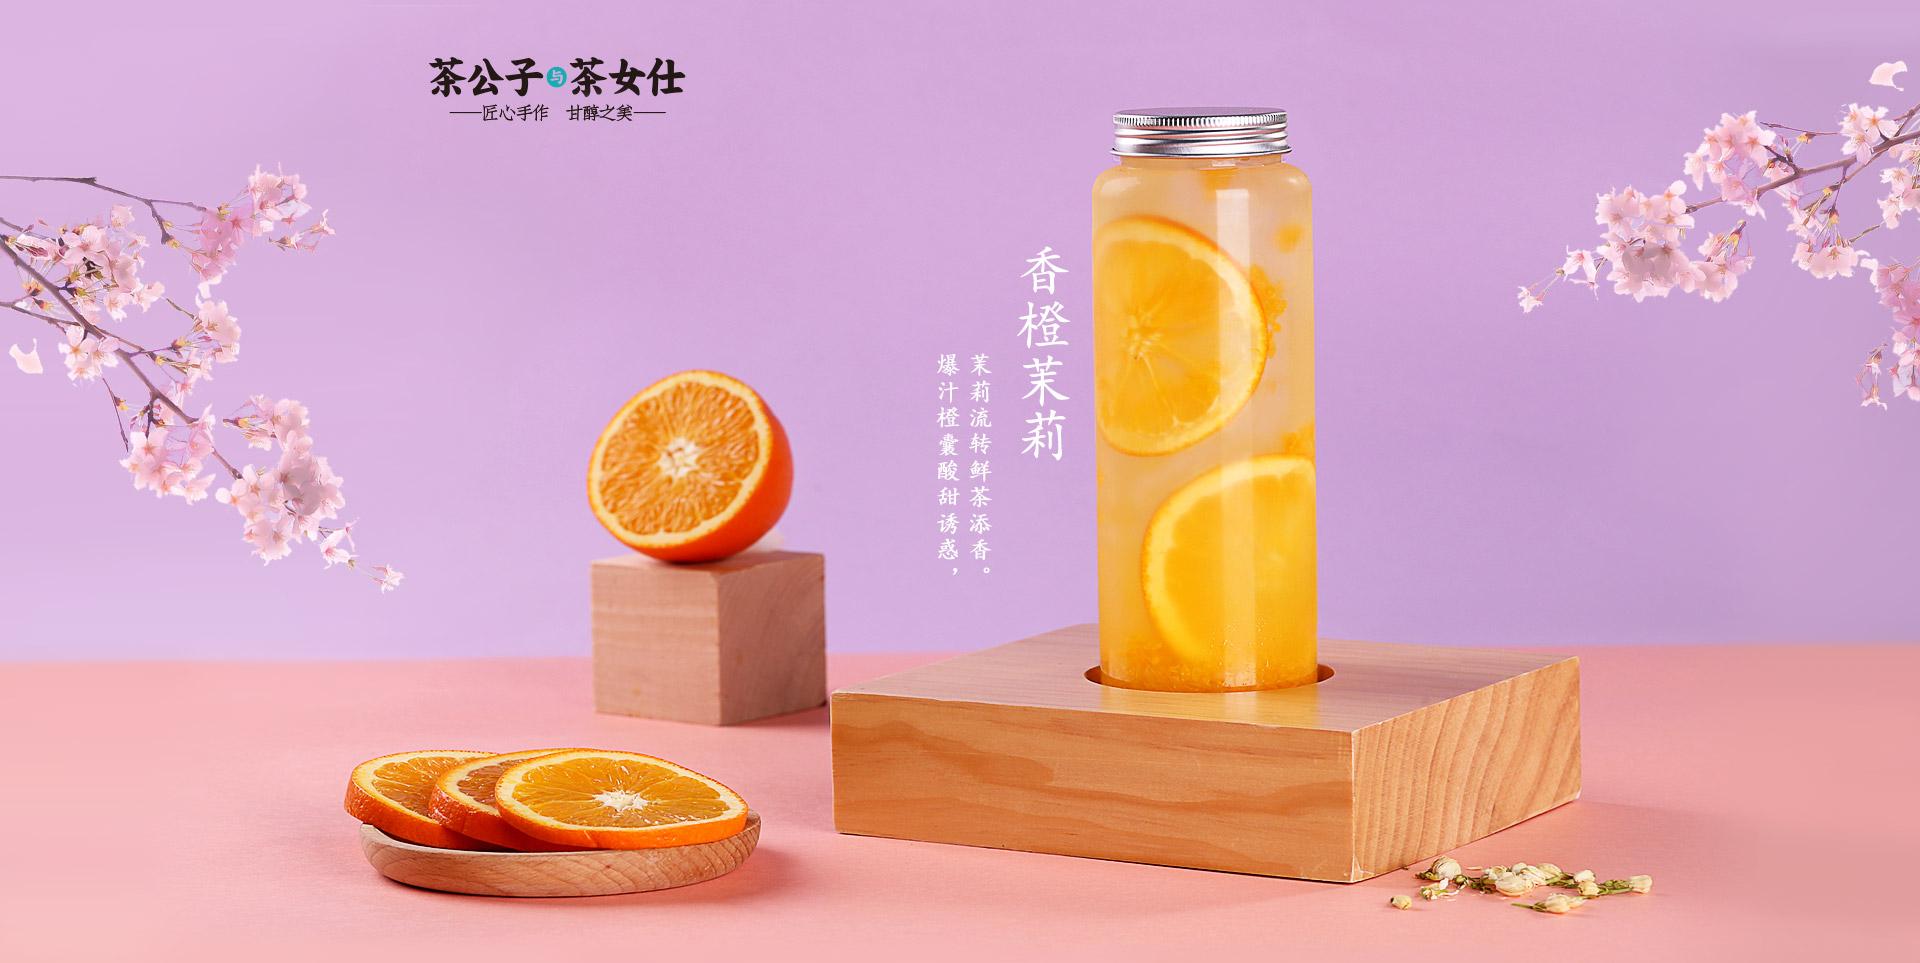 中国风奶茶加盟